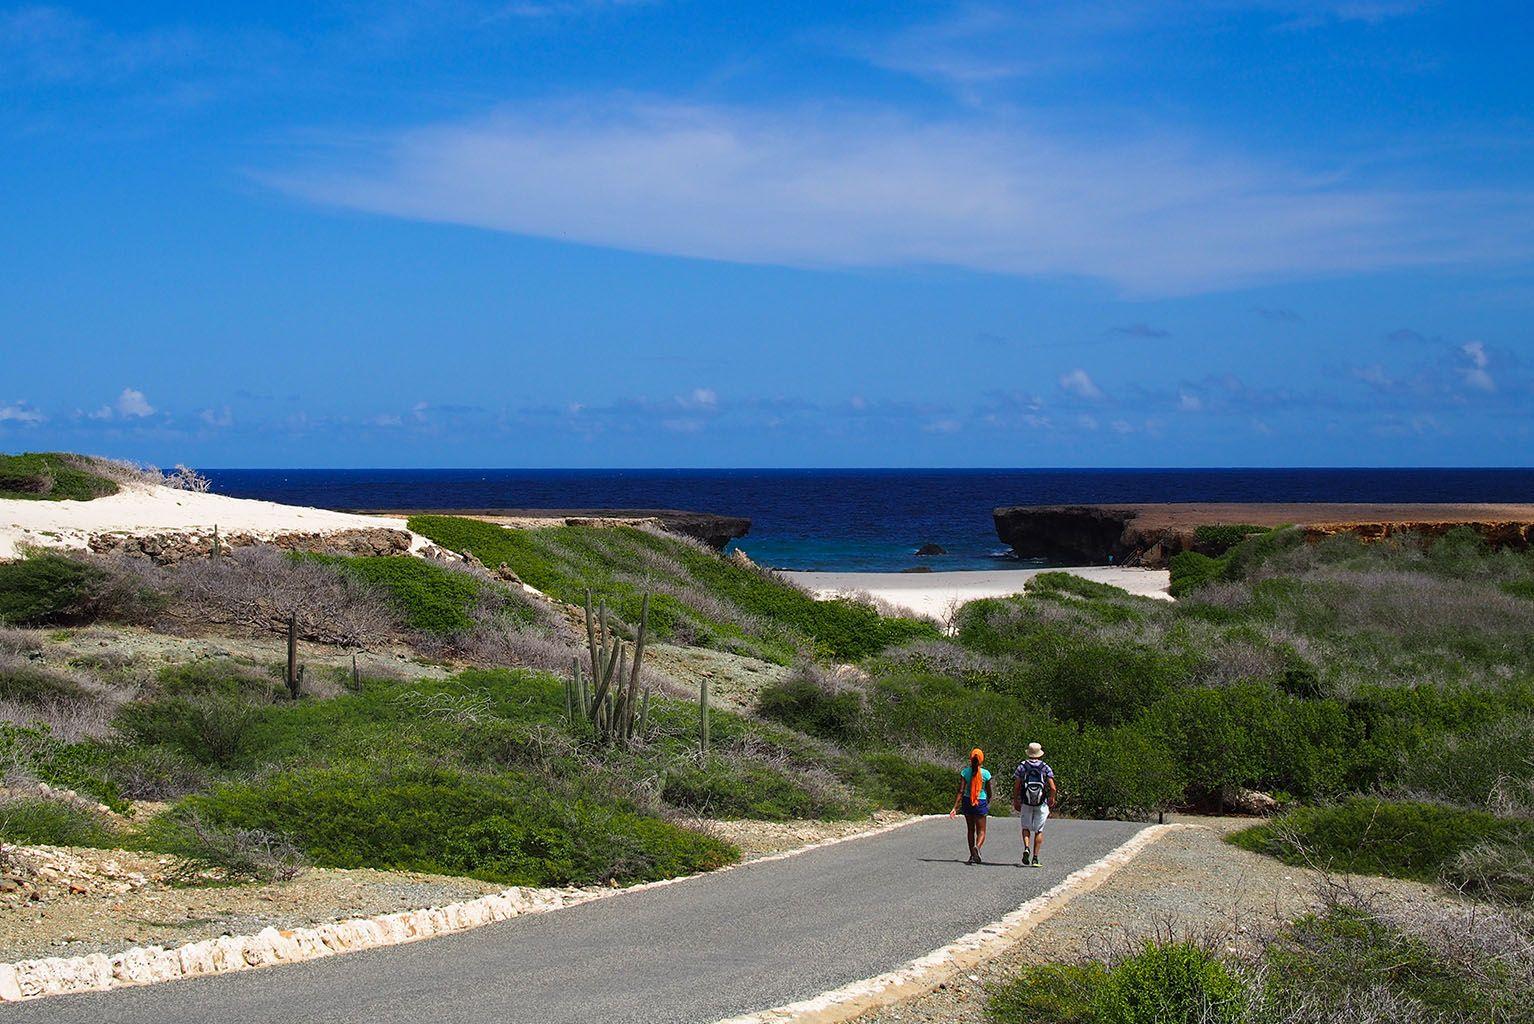 Häämatkailijoiden päiväretket Aruballa